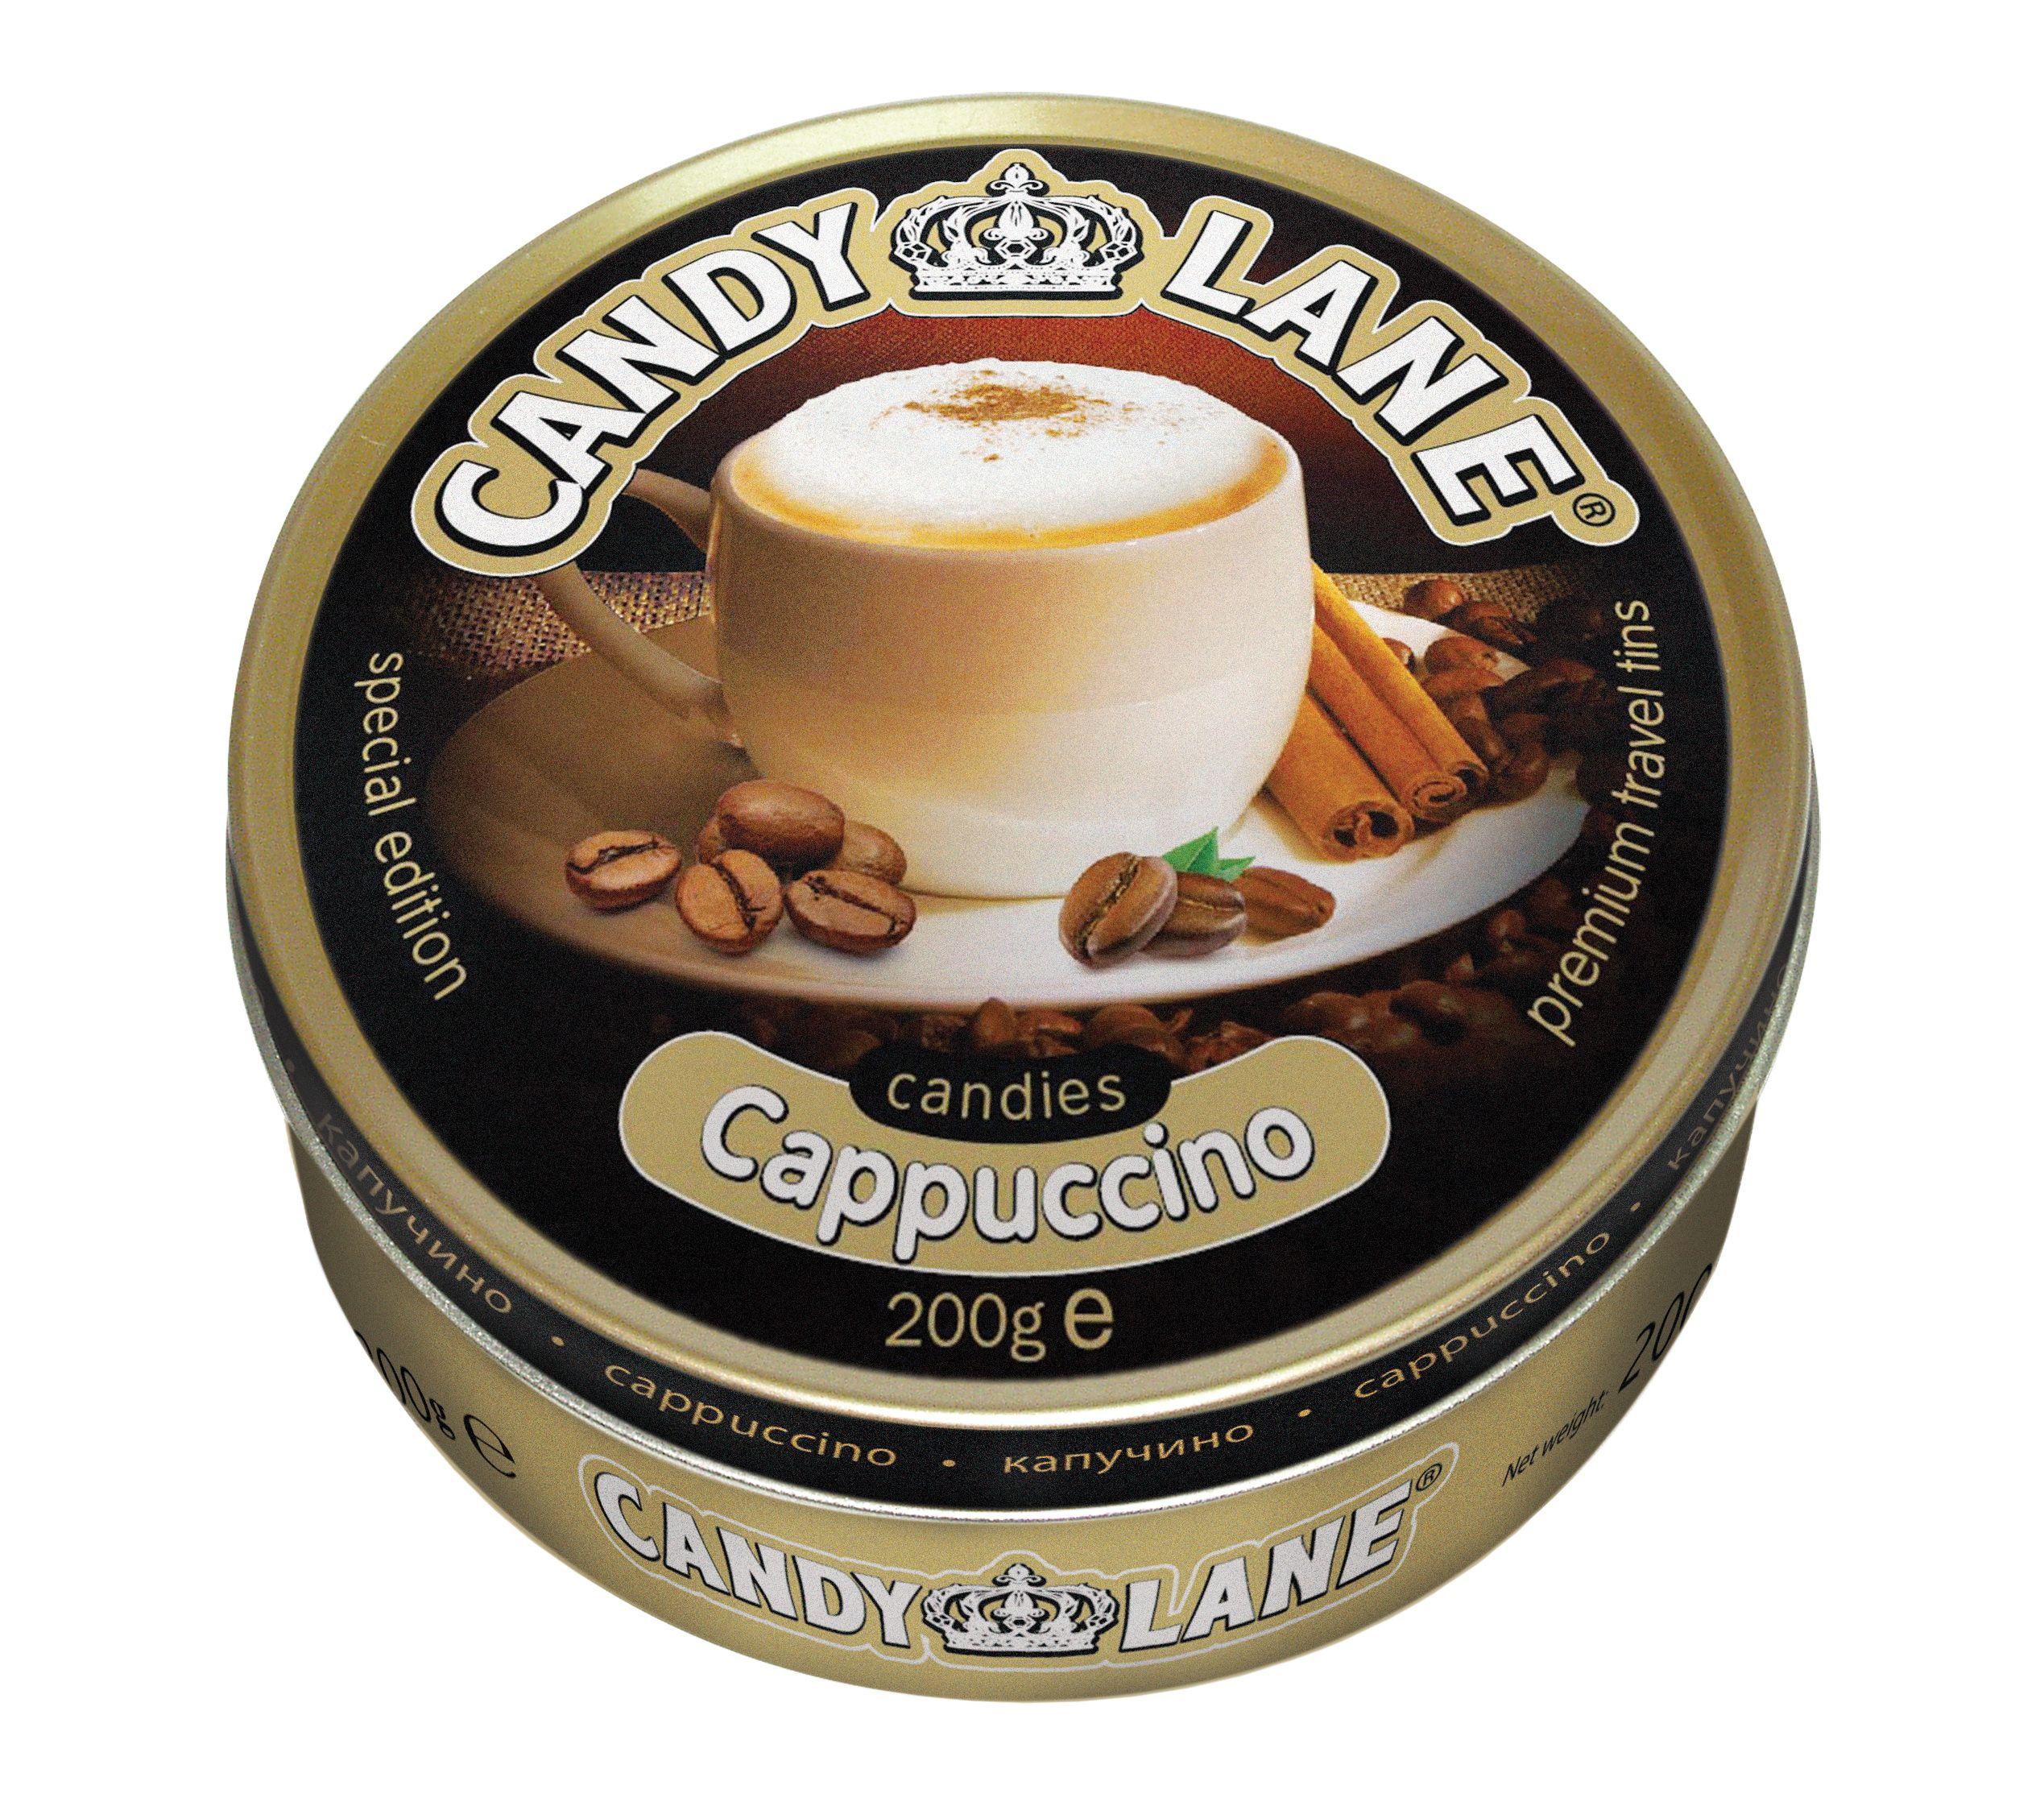 Фруктовые леденцы капучино Candy Lane